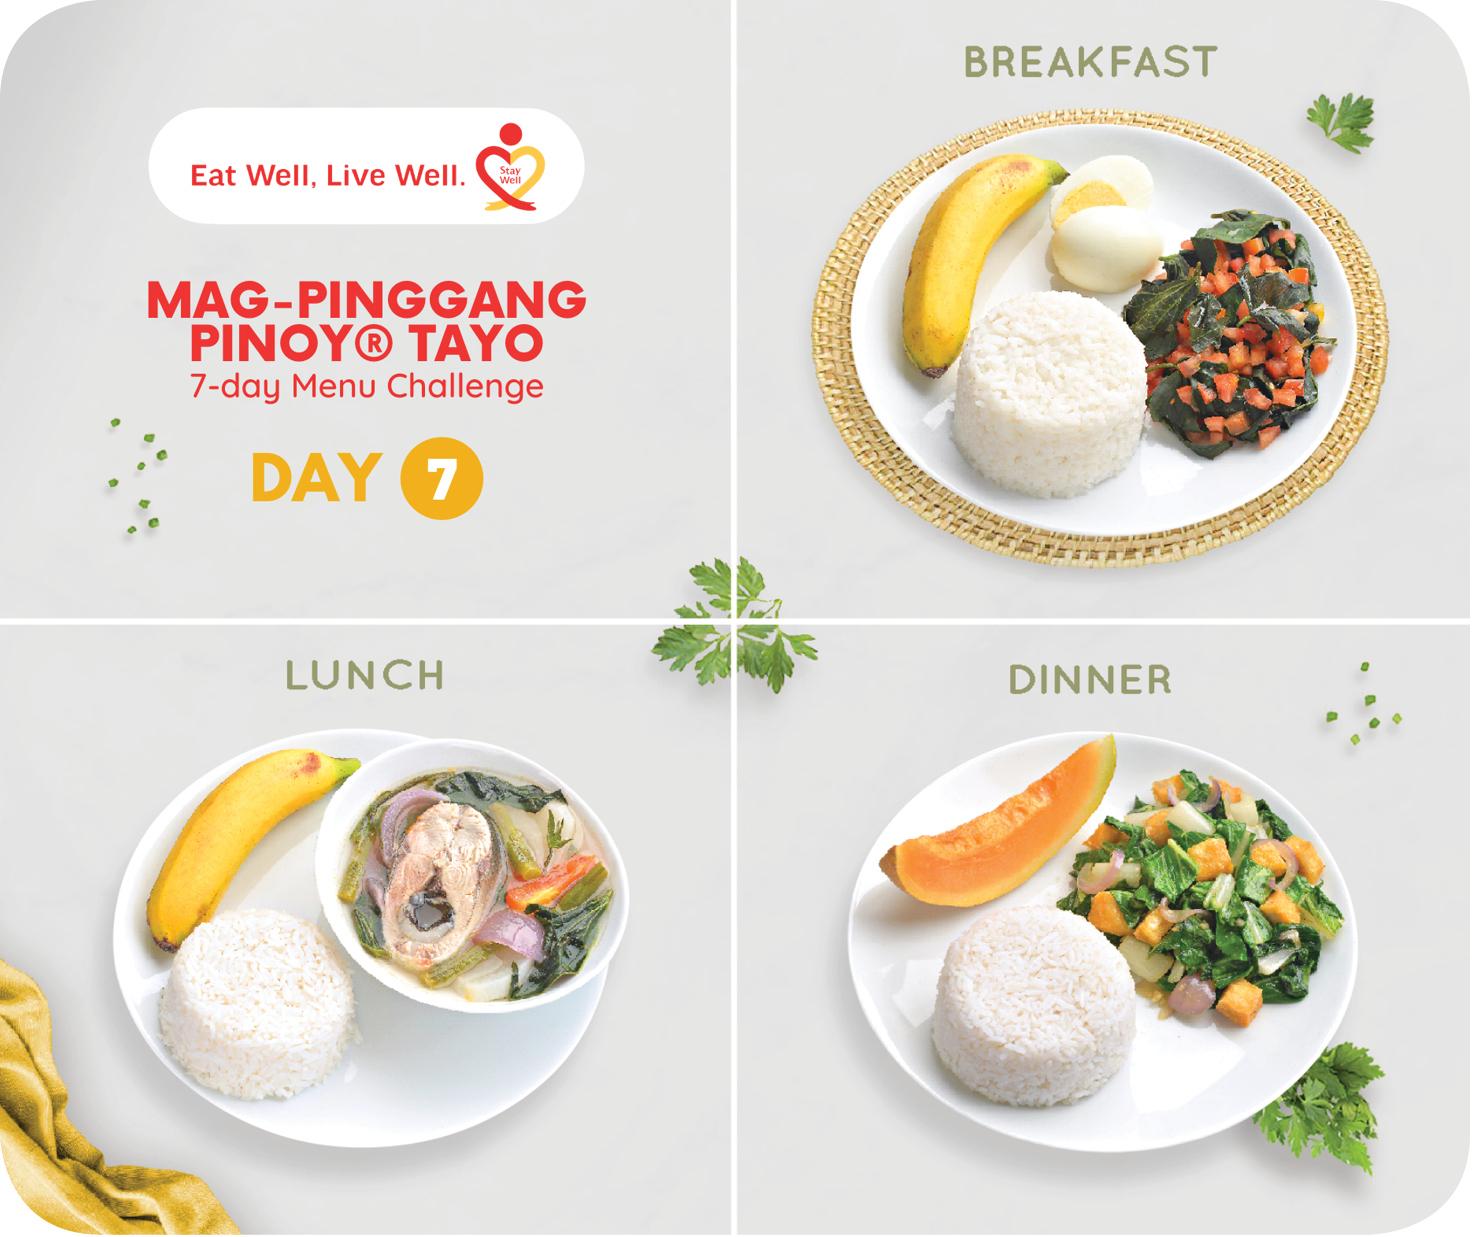 Day 7 of Mag-Pinggang Pinoy® Tayo 7-day Menu Challenge